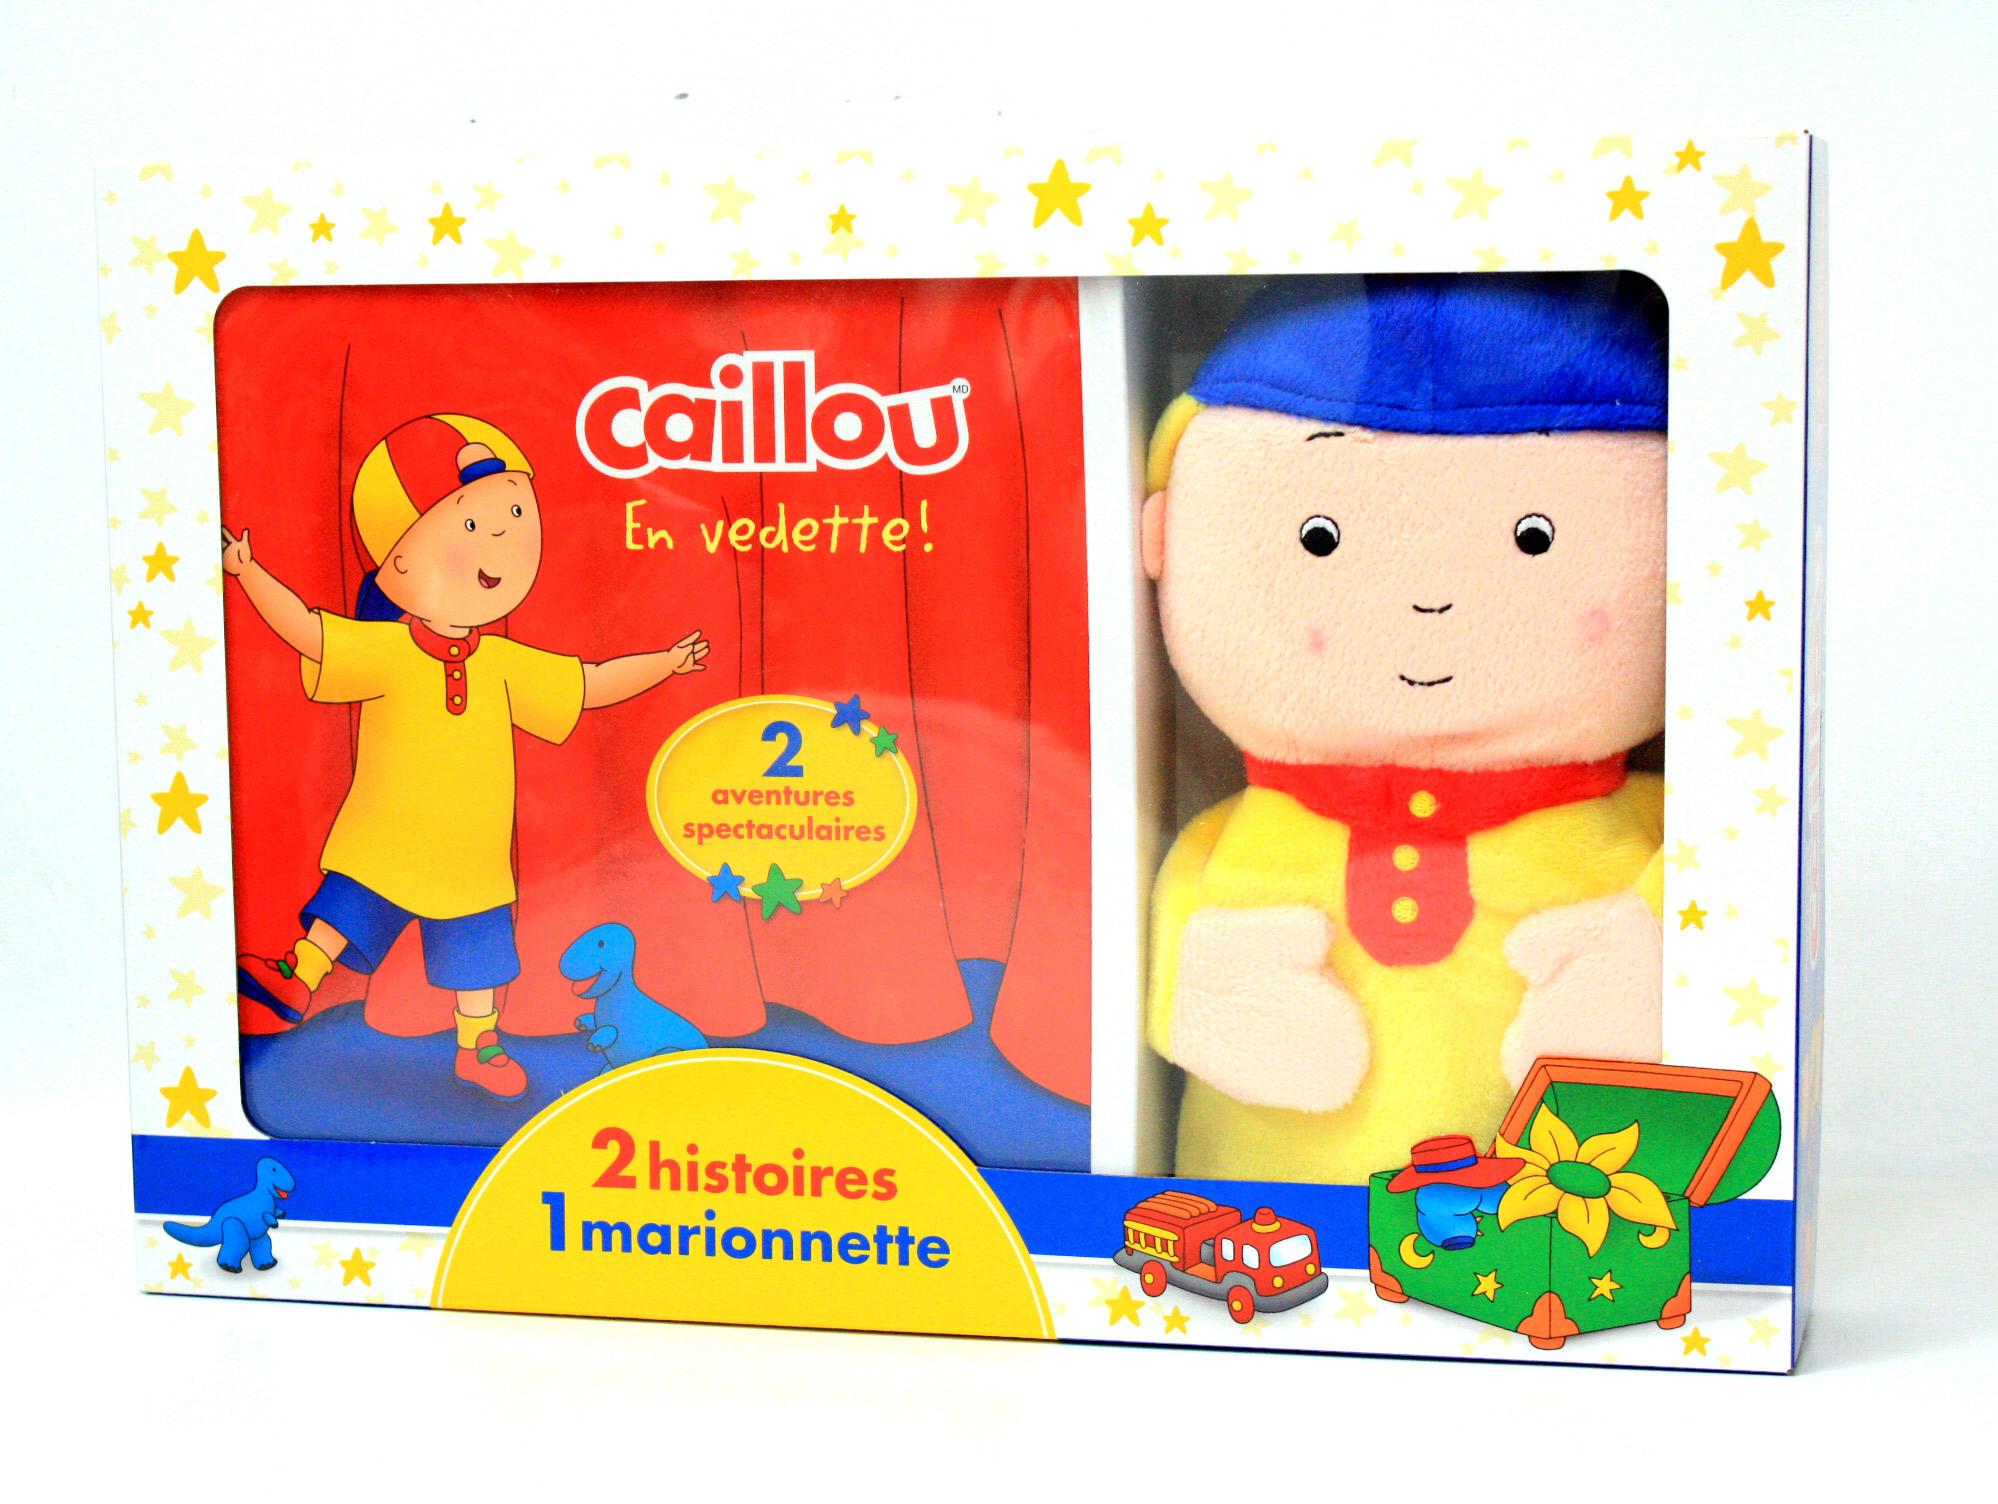 Caillou - 2 Histoires, 1 Marionnette / Jeunesse / Divers encequiconcerne Monsieur Caillou